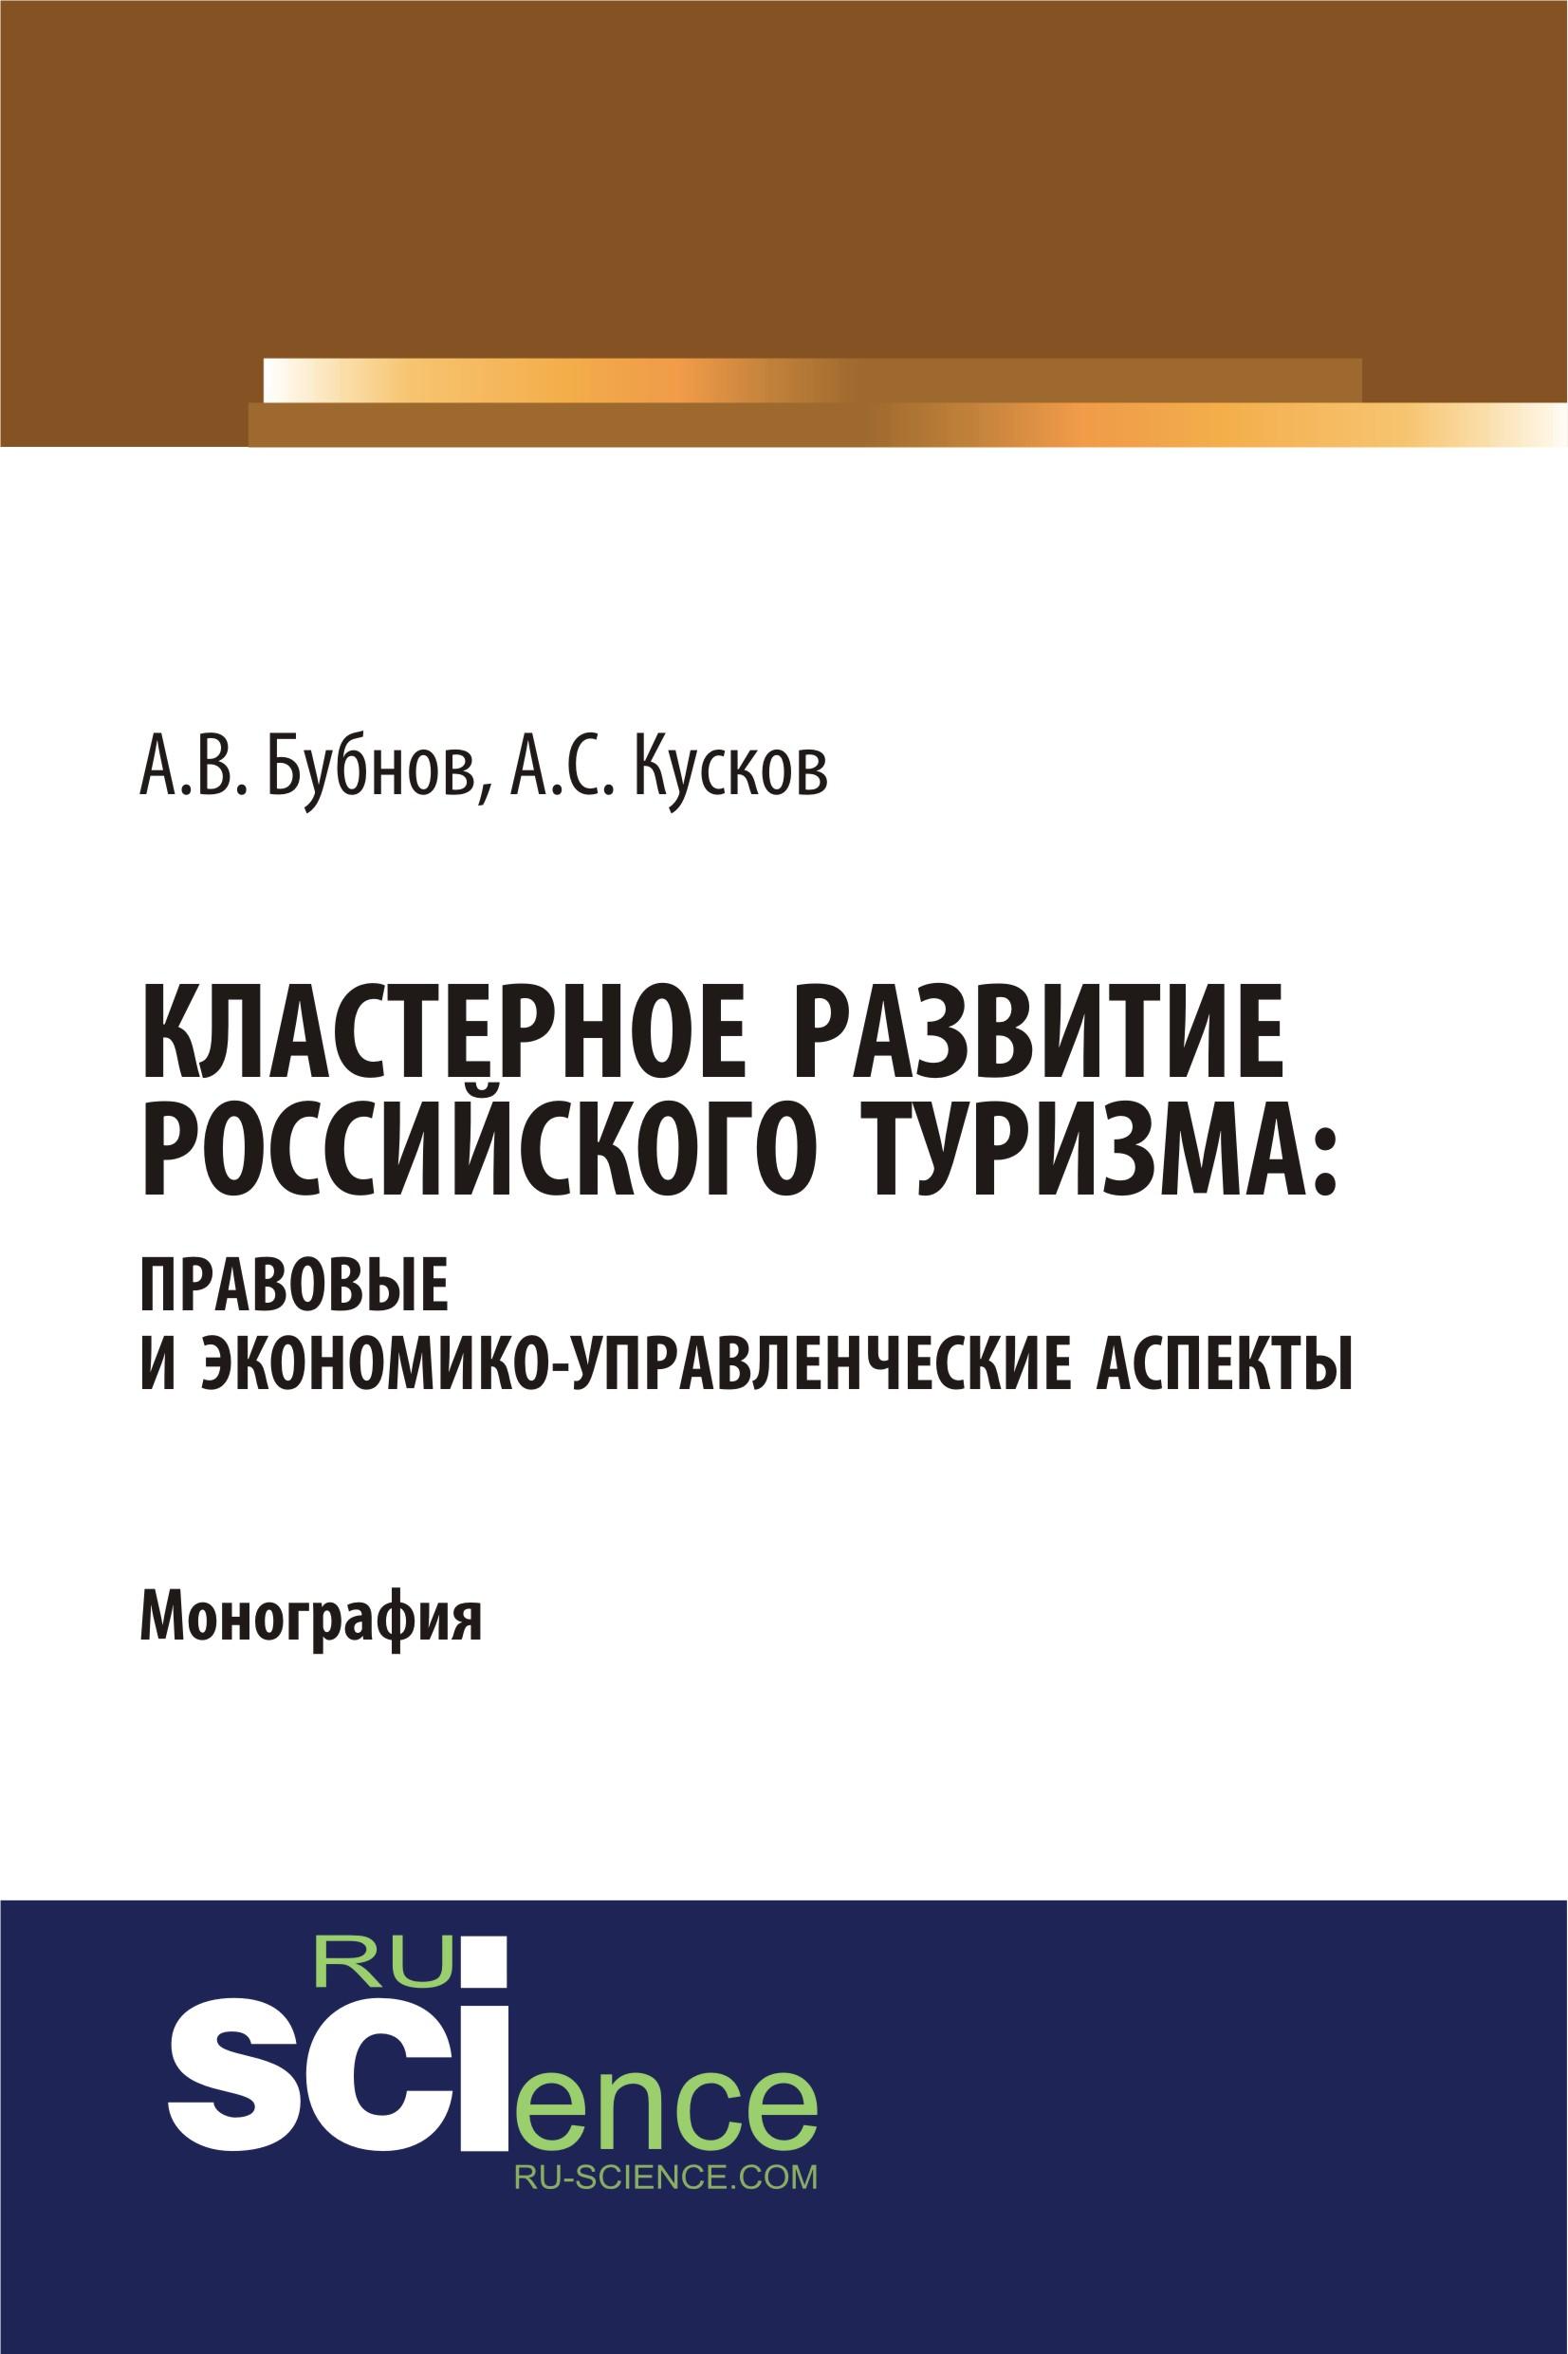 купить Алексей Кусков Кластерное развитие российского туризма: правовые и экономико-управленческие аспекты недорого